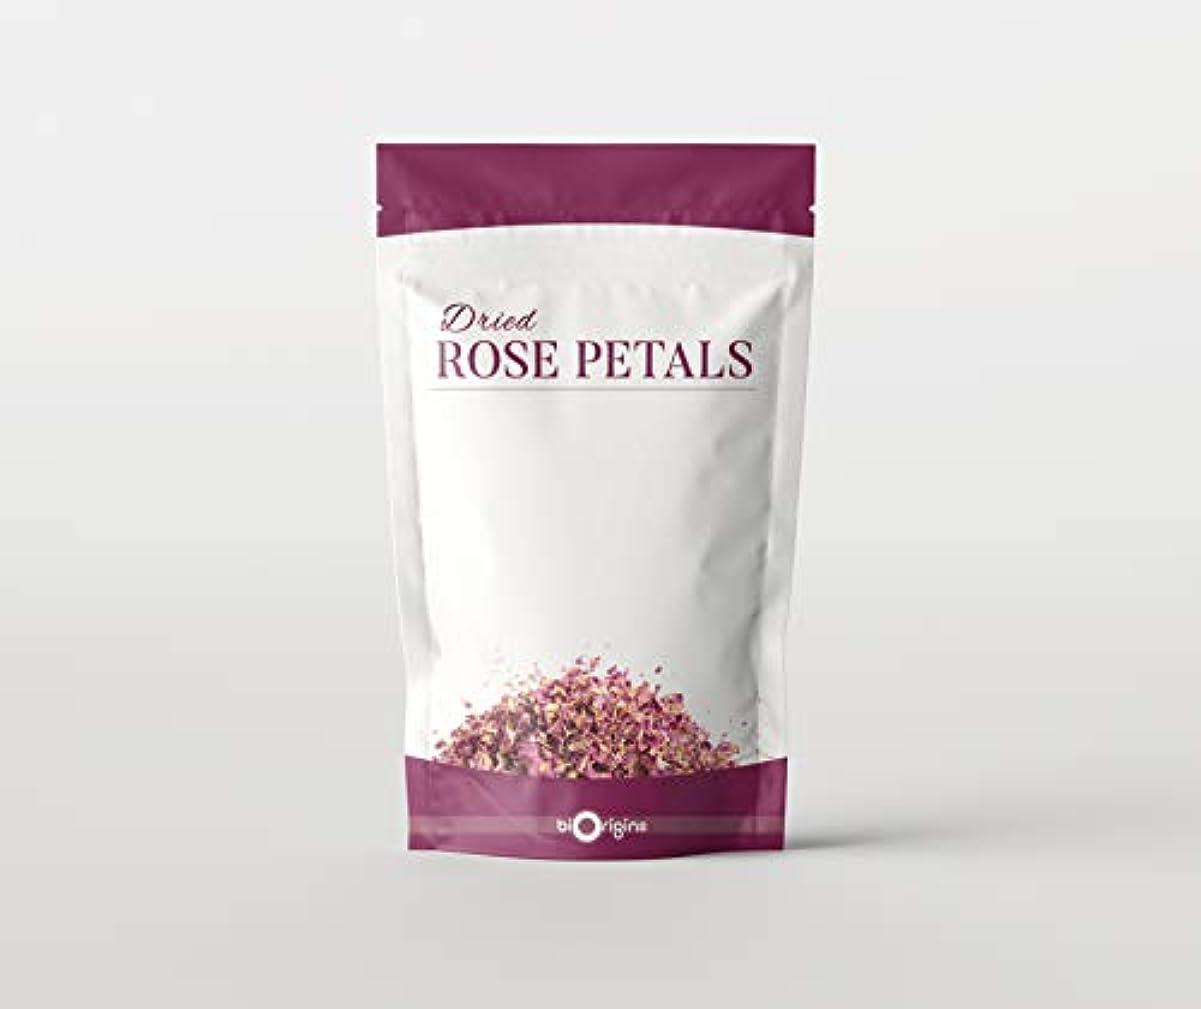 視聴者パイプ義務的Dried Rose Petals - 100g